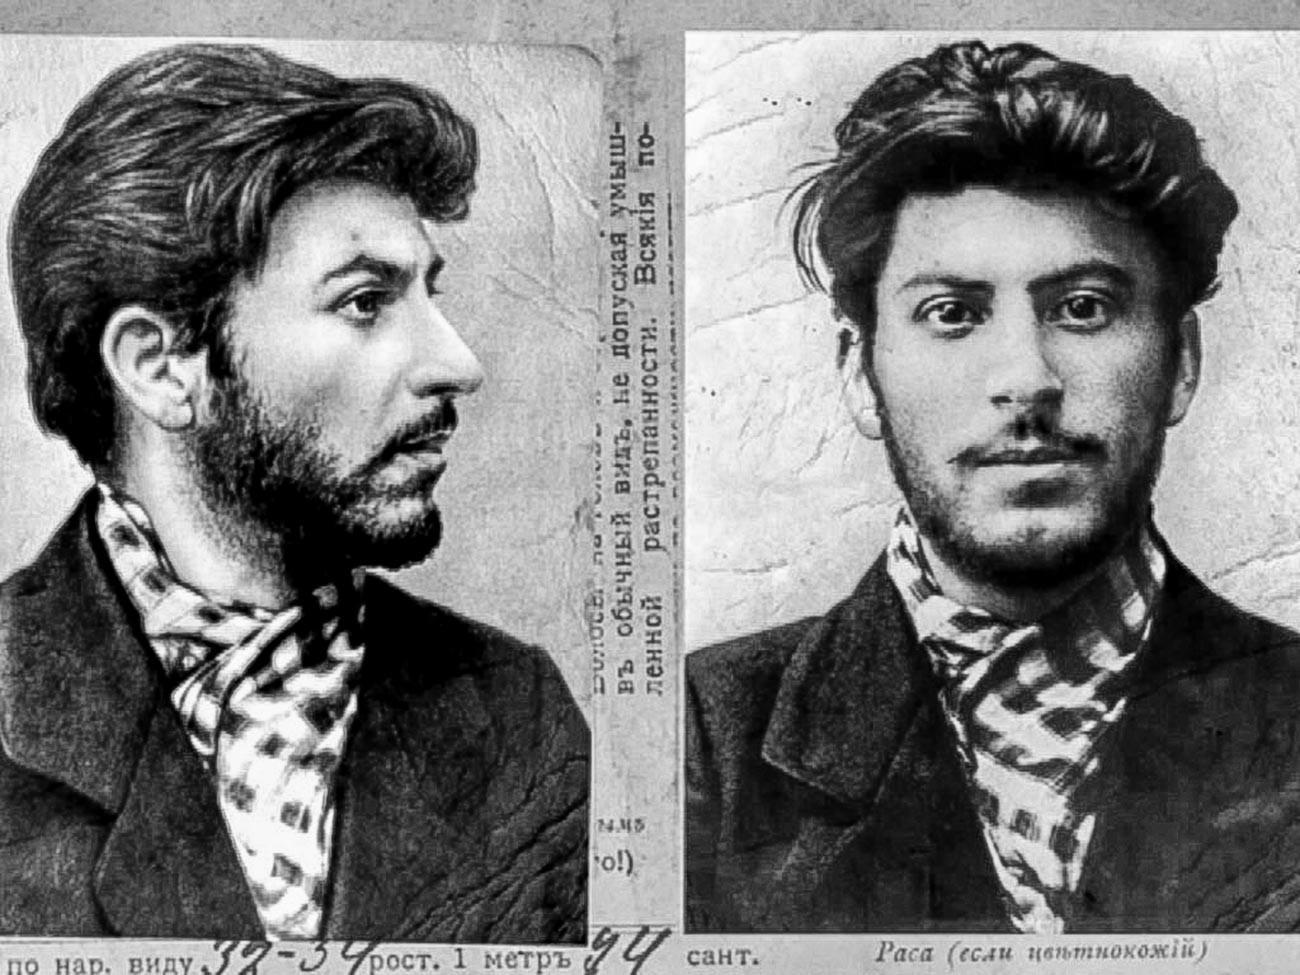 23-годишниот Сталин, полициско досие, 1902 година